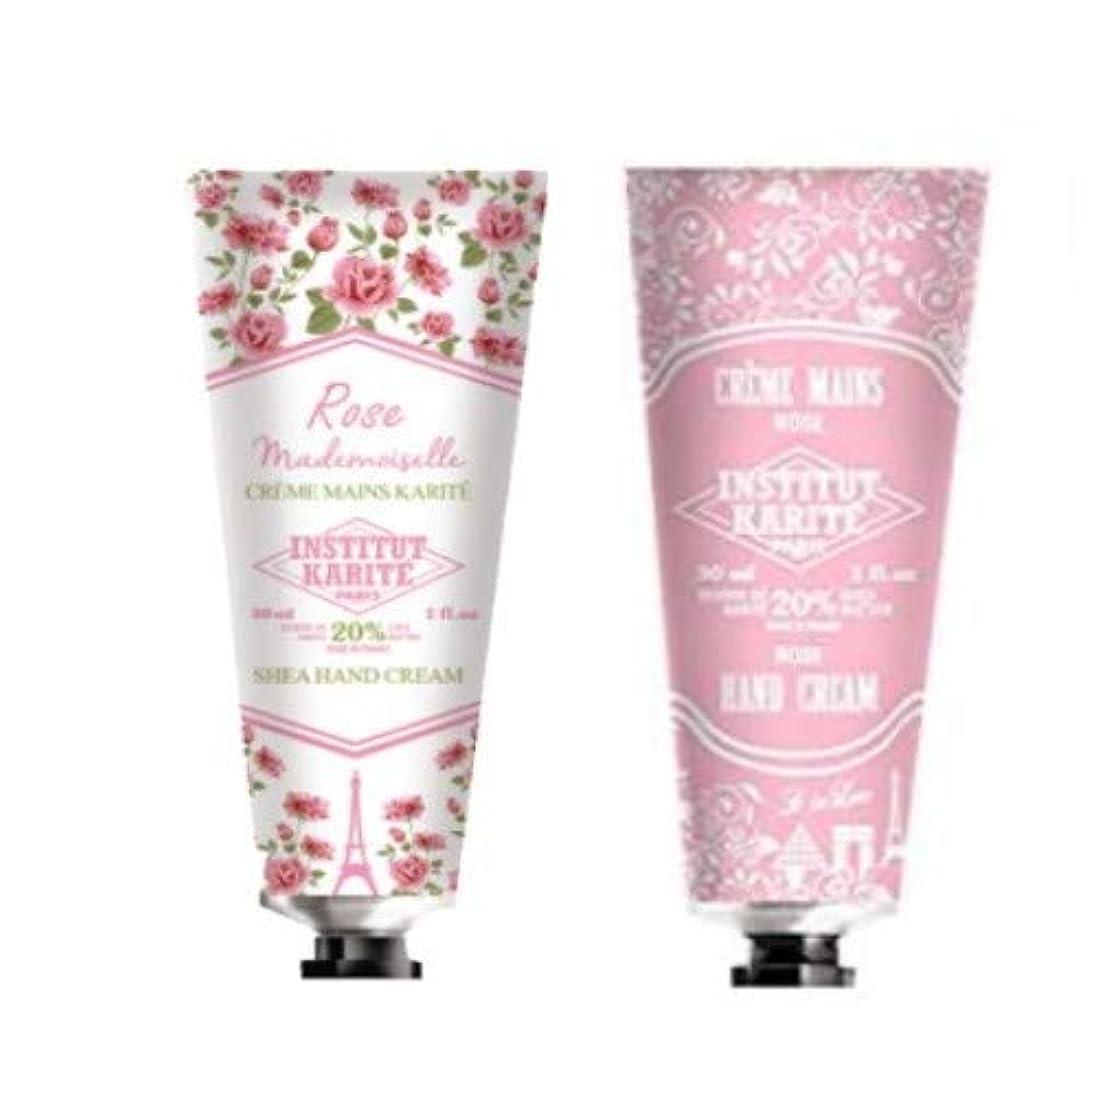 しなやかハチミスシアバター シアハンドクリーム INSTITUT KARITE カリテ Rose Mademoiselle ローズマドモアゼル ハンドクリーム 30ml&Rose ローズハンドクリーム 30ml セット